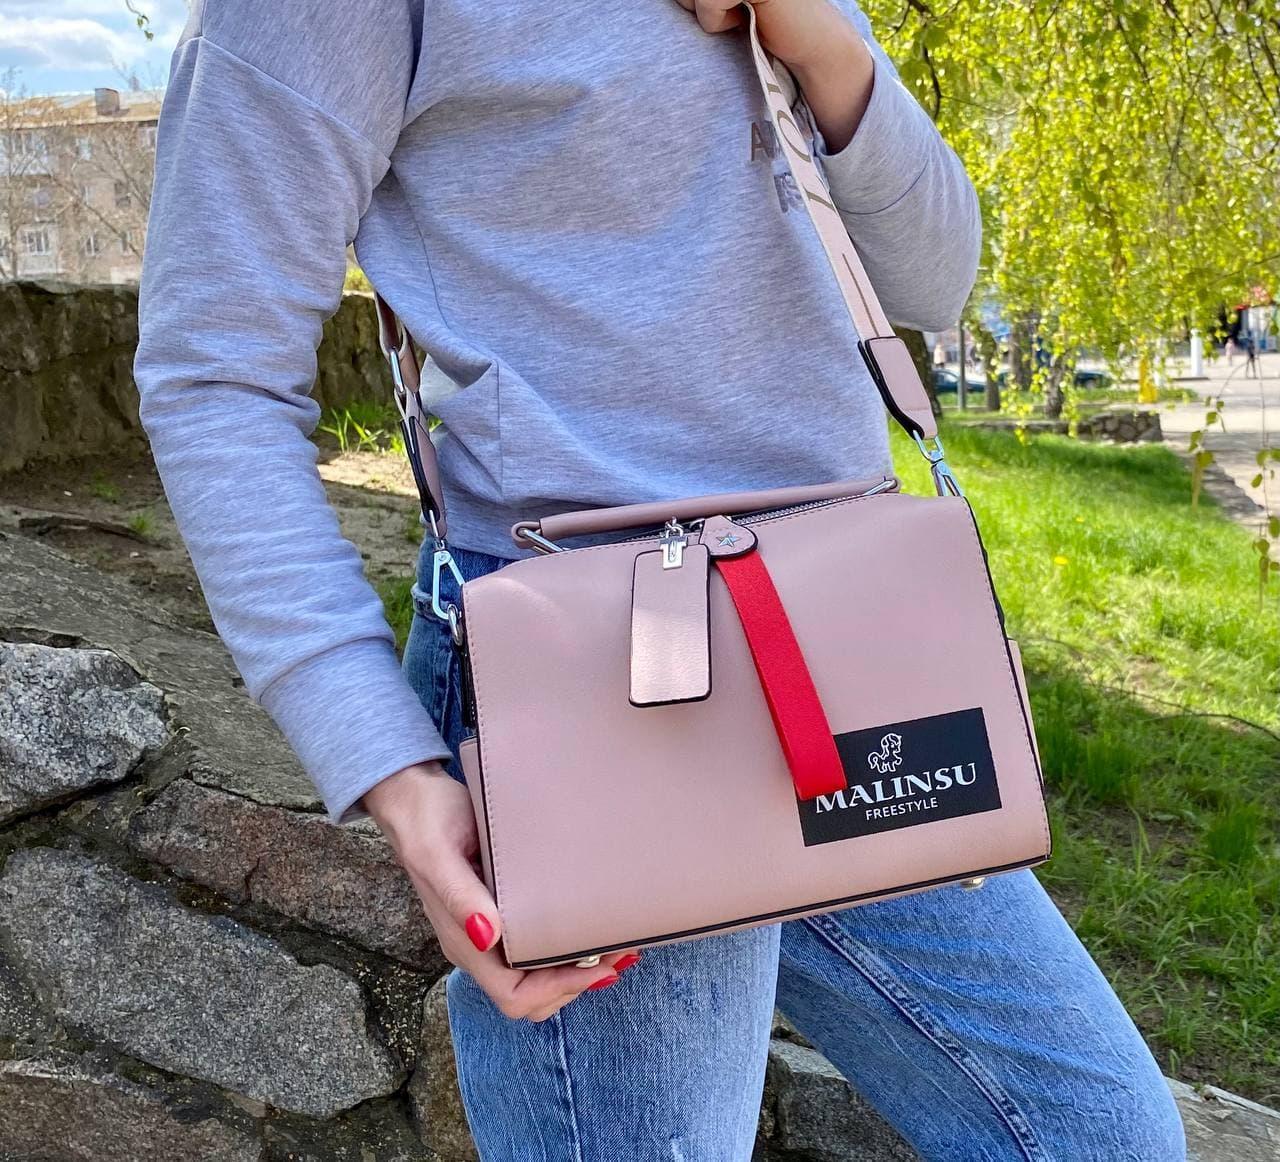 Пудрова жіноча шкіряна сумочка (еко шкіра) з широким ремінцем Malinsu. Стильна повсякденна сумка на плече